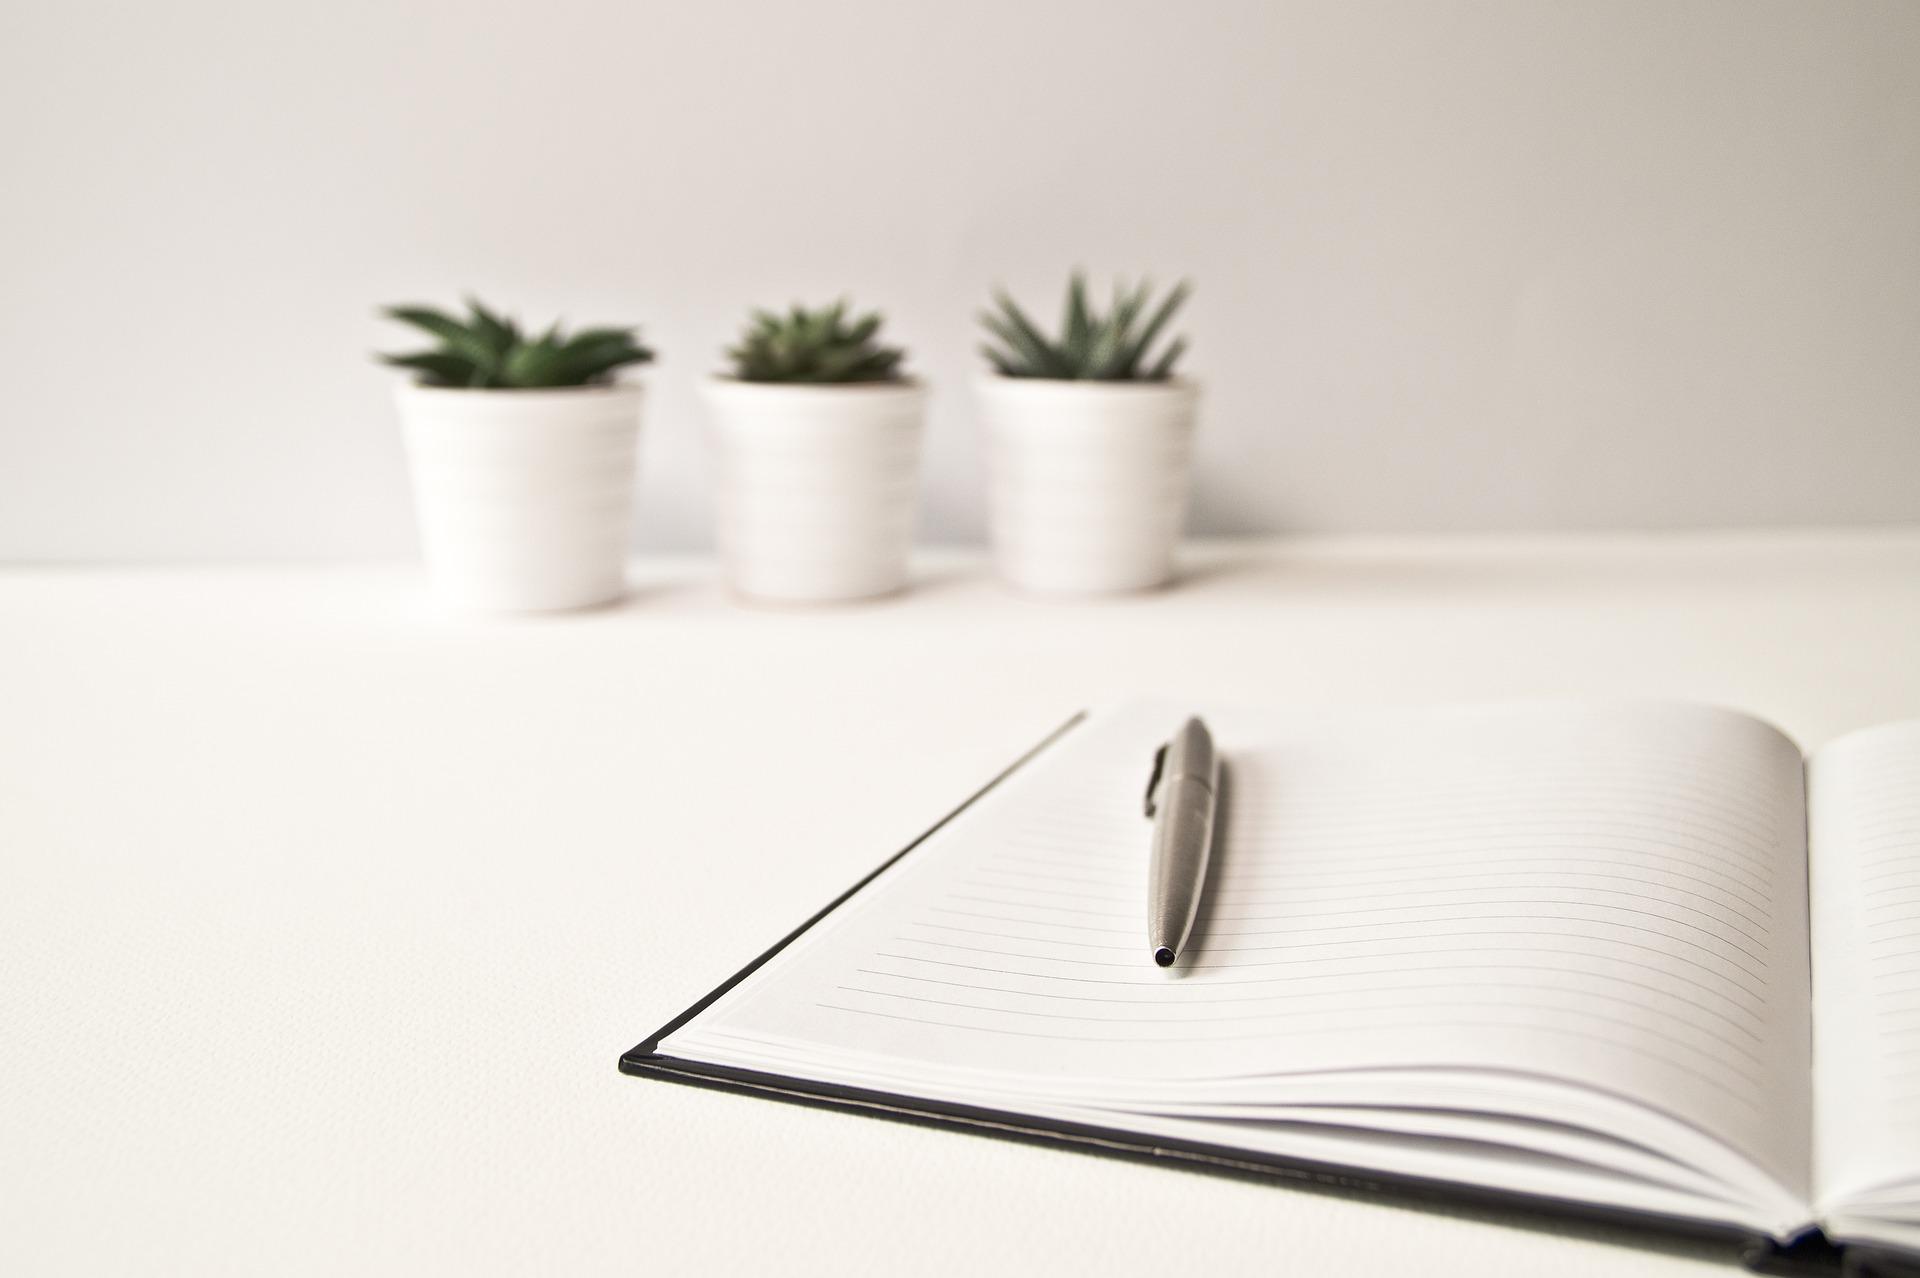 Guia prático para elaboração do Estudo de Impacto Ambiental do seu empreendimento